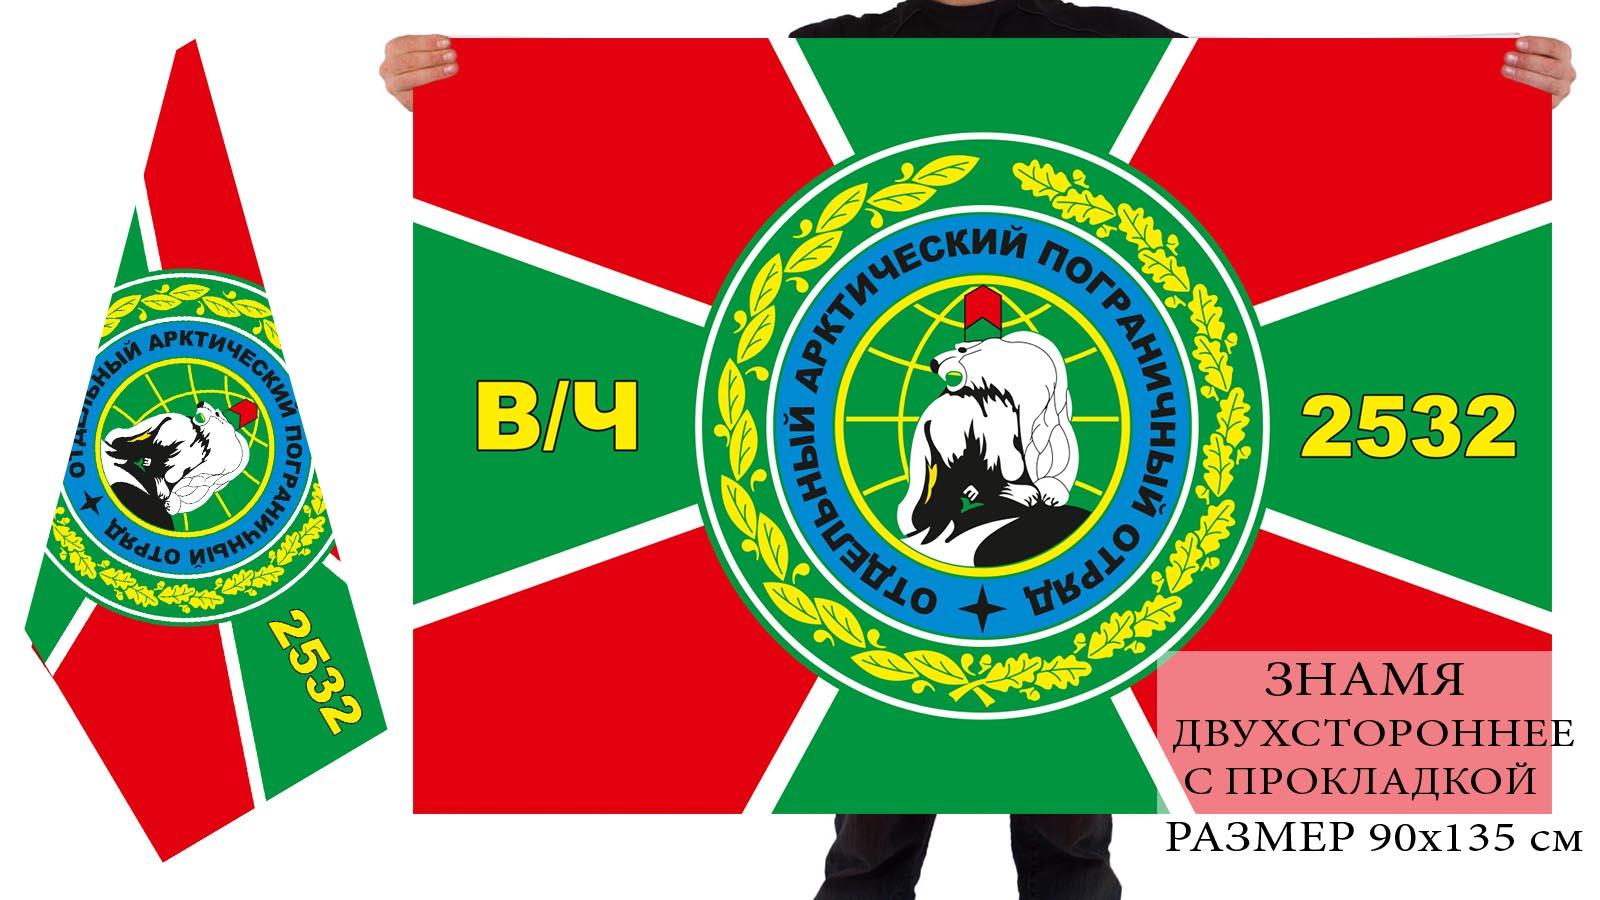 Флаг Погранвойск ОАПО в/ч 2532